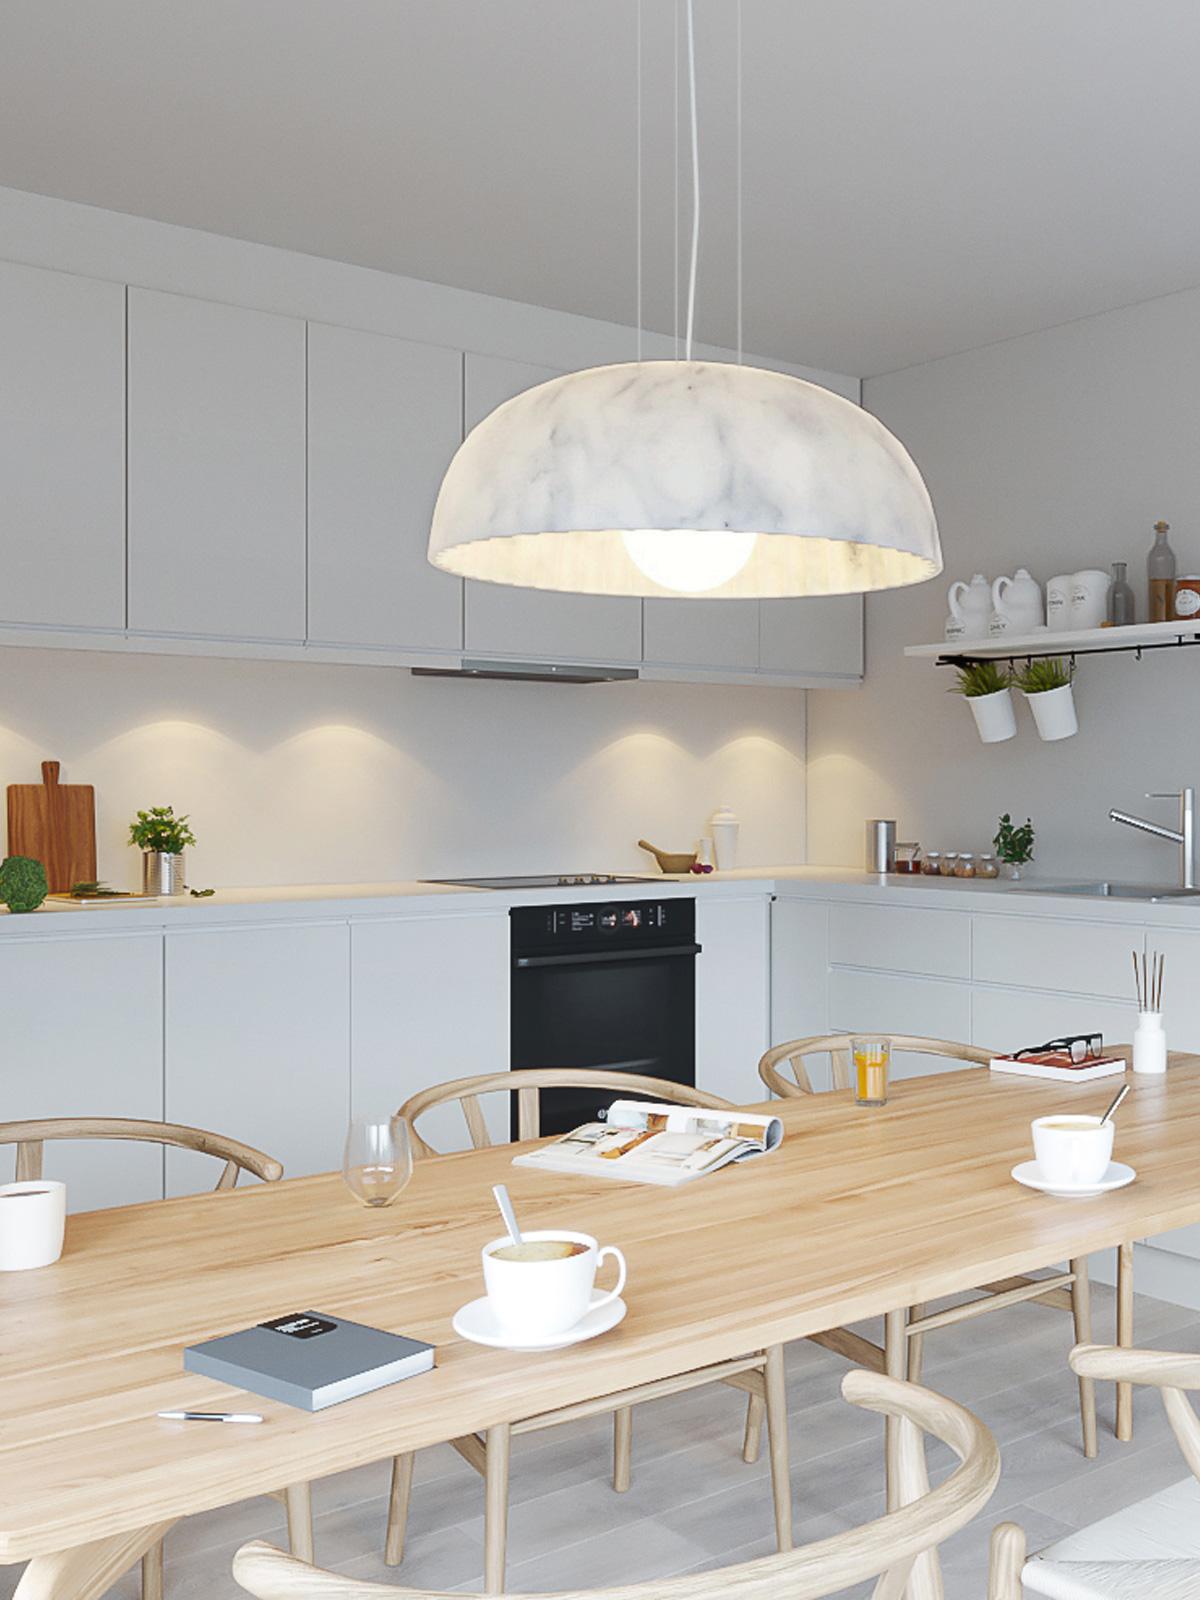 Full Size of Lampen Küche Landhaus Moderne Lampen Küche Lampen Küche Esszimmer Kabellose Lampen Küche Küche Lampen Küche